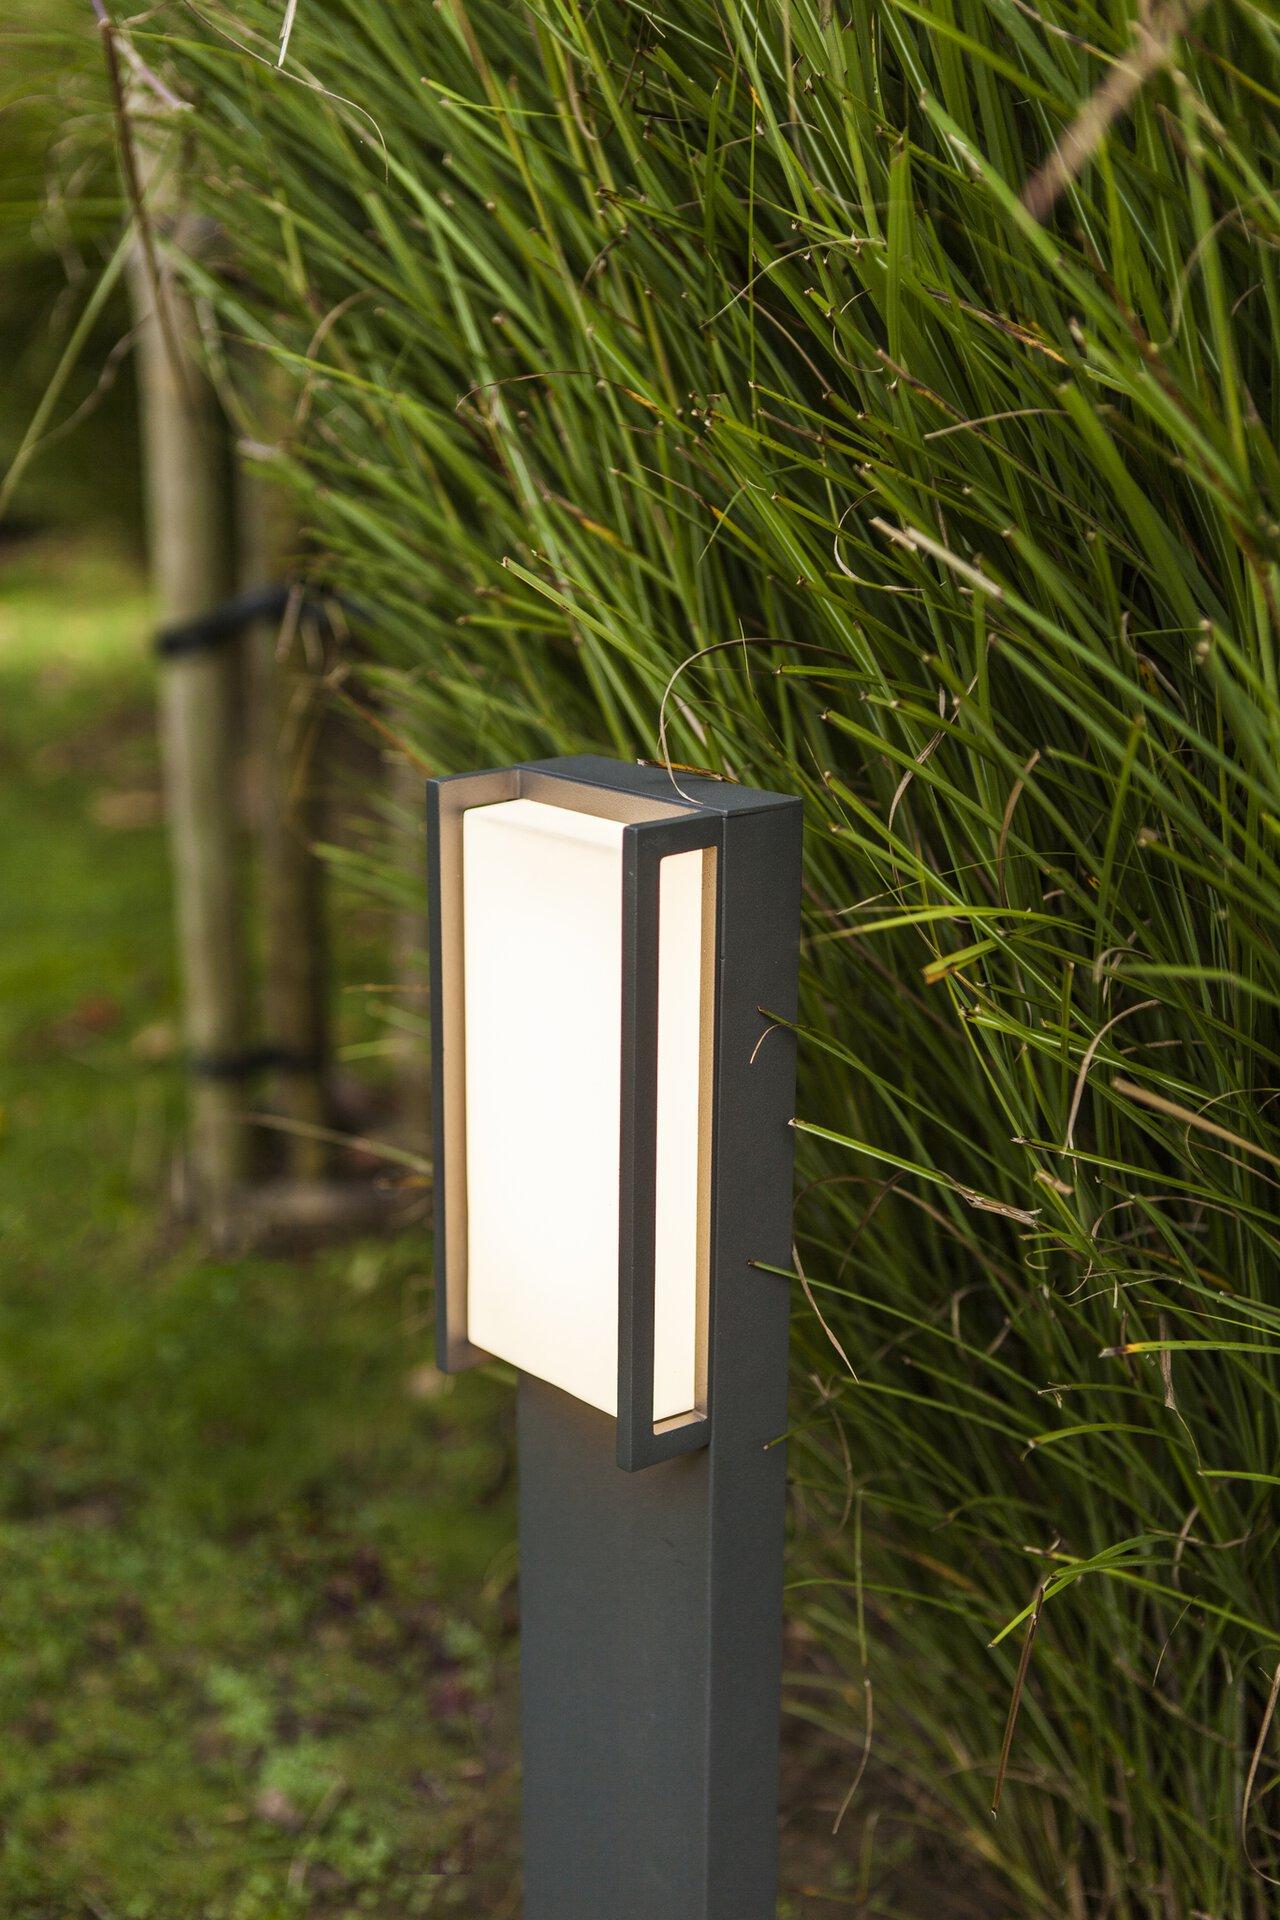 Wege-Außenleuchte Qubo Eco-Light Metall 11 x 75 x 9 cm